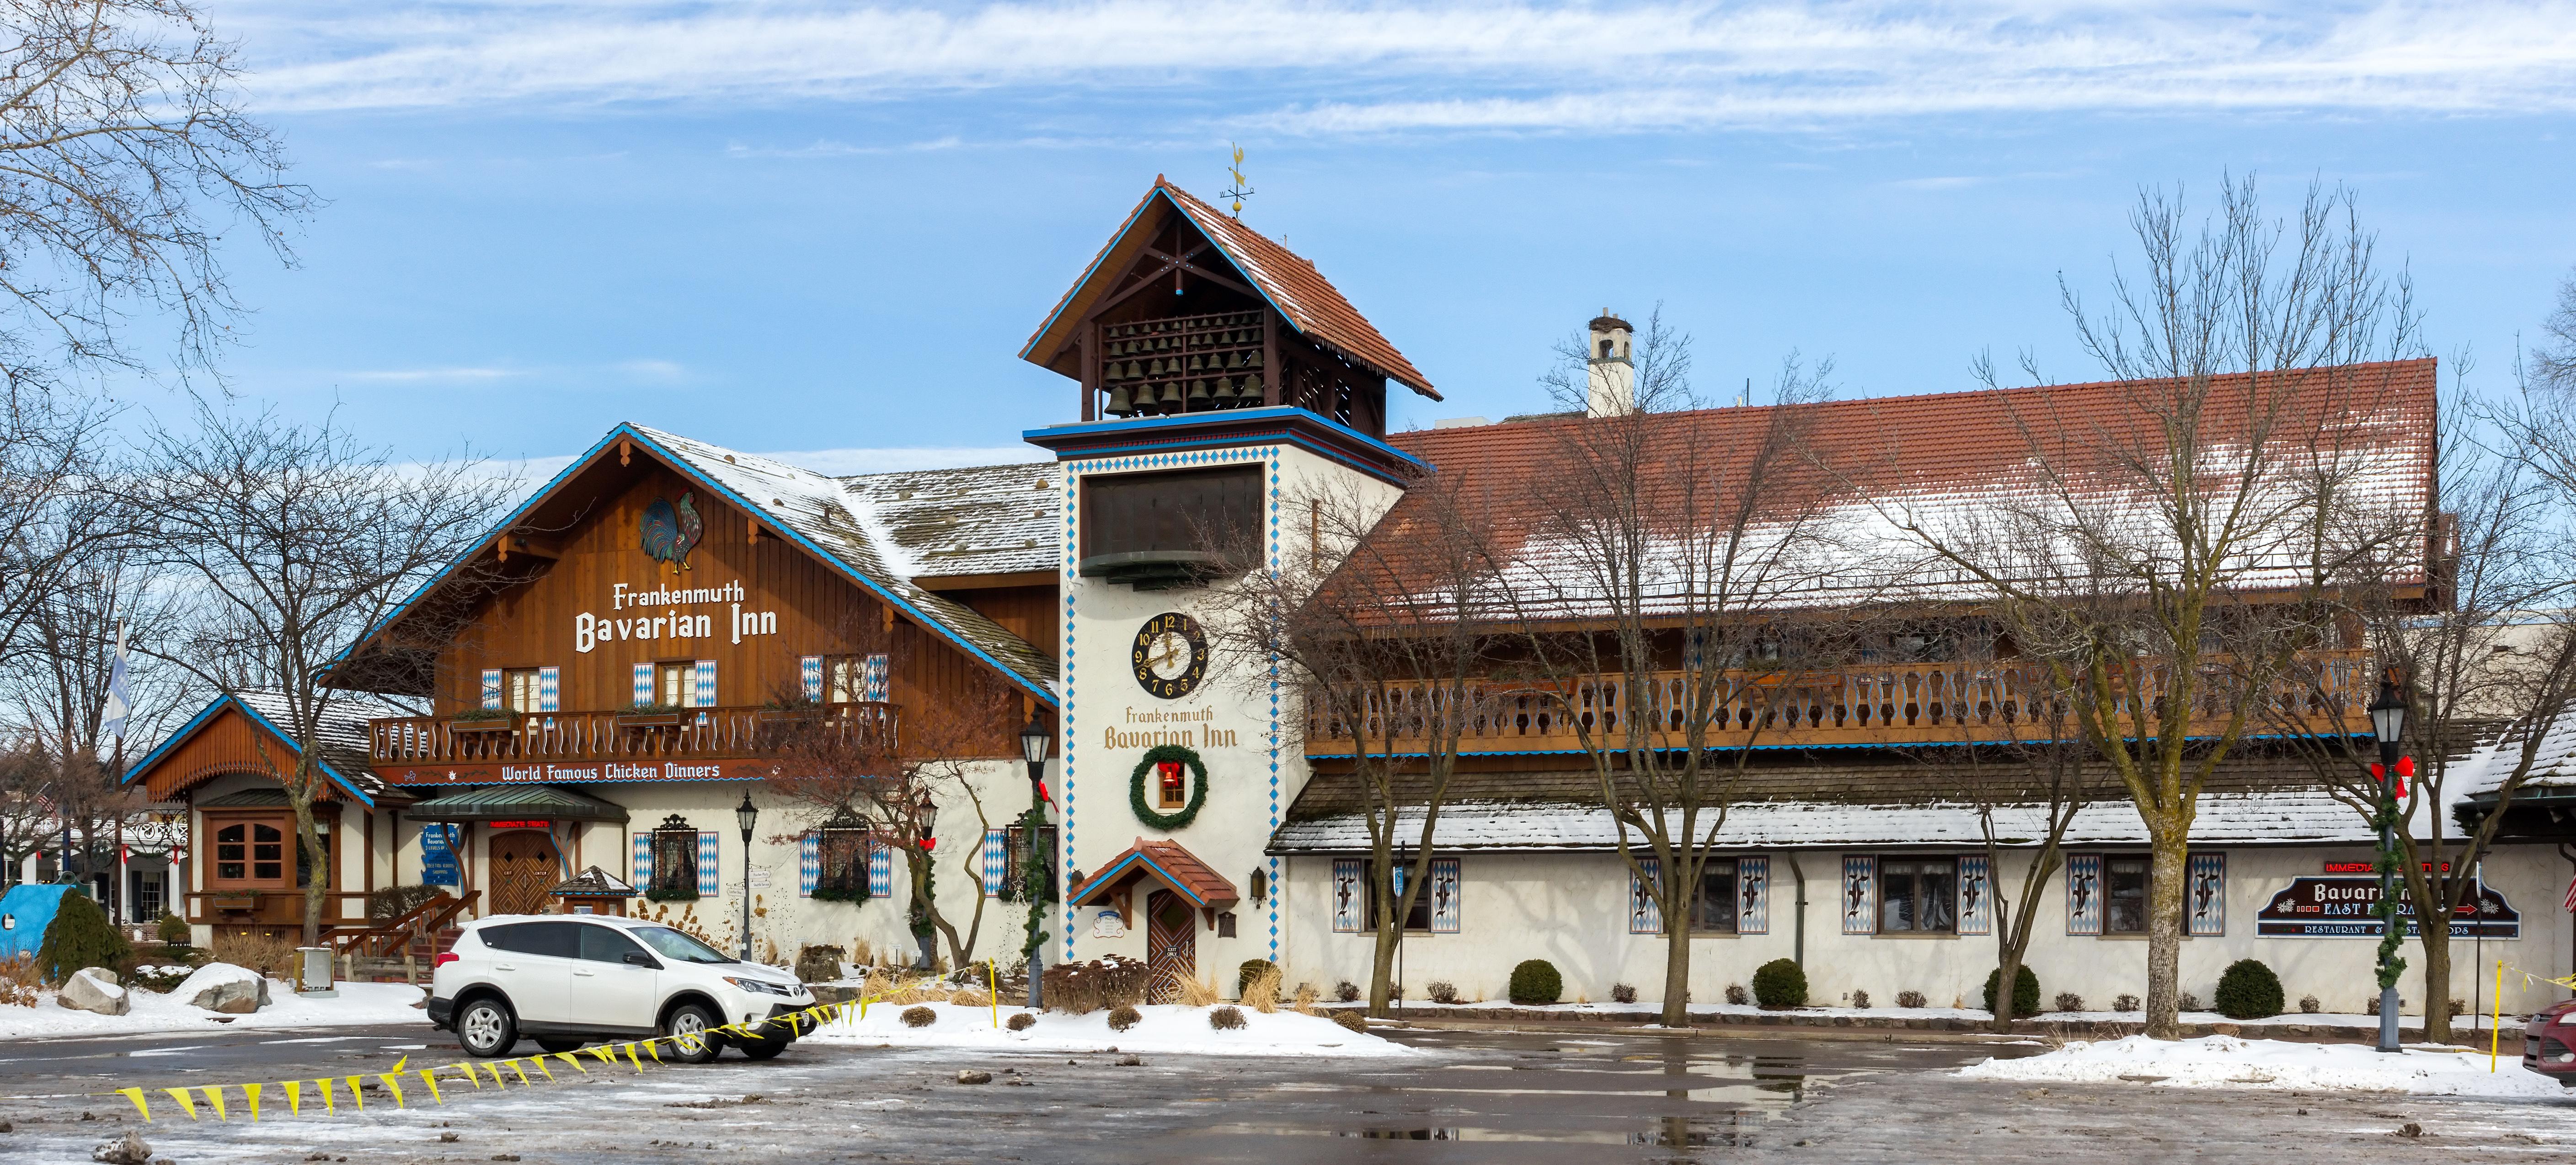 frankenmuth german restaurants best restaurants near me